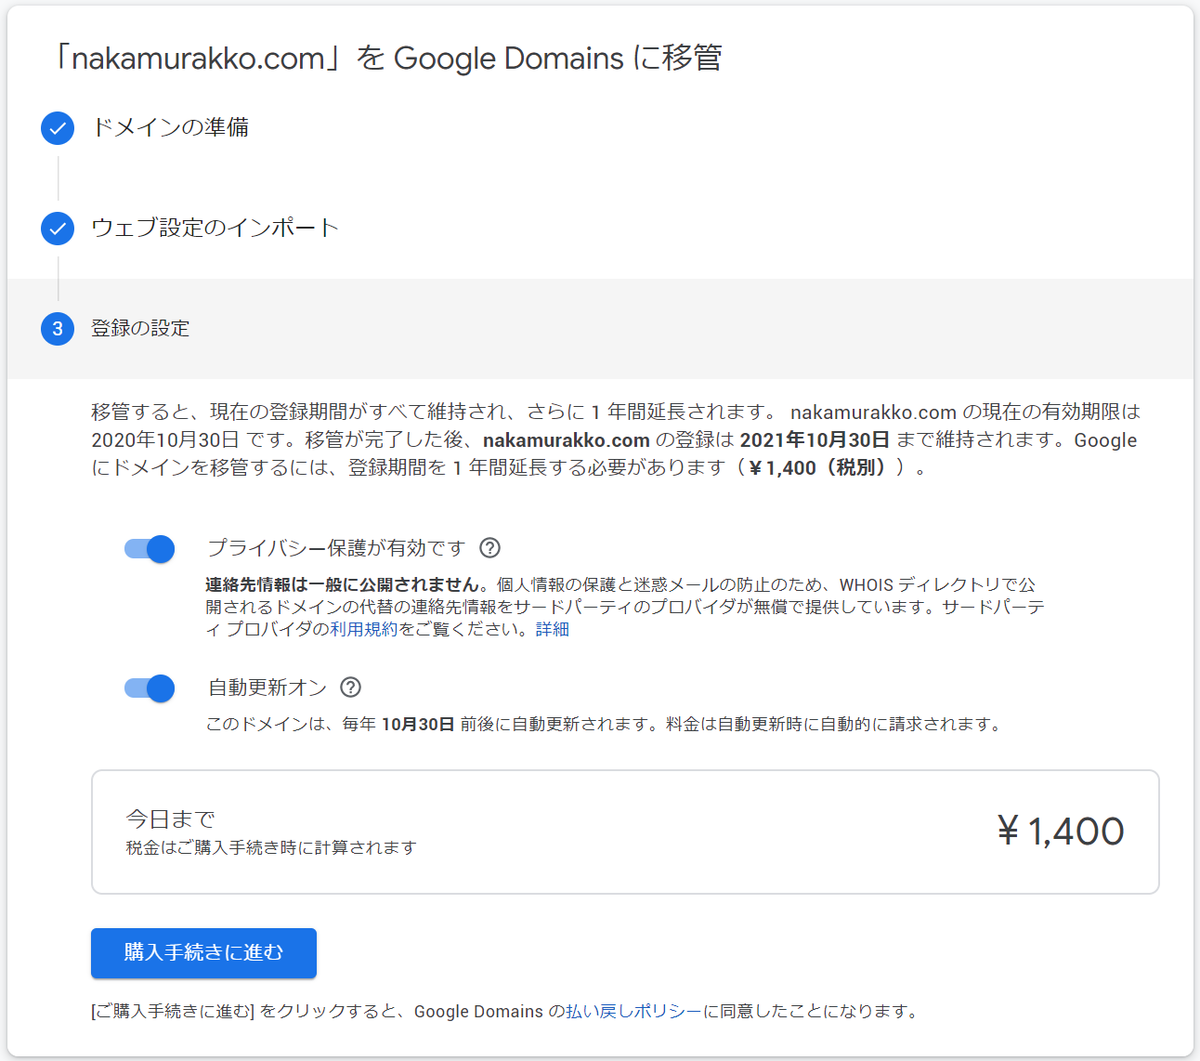 f:id:nakamurakko:20200301112811p:plain